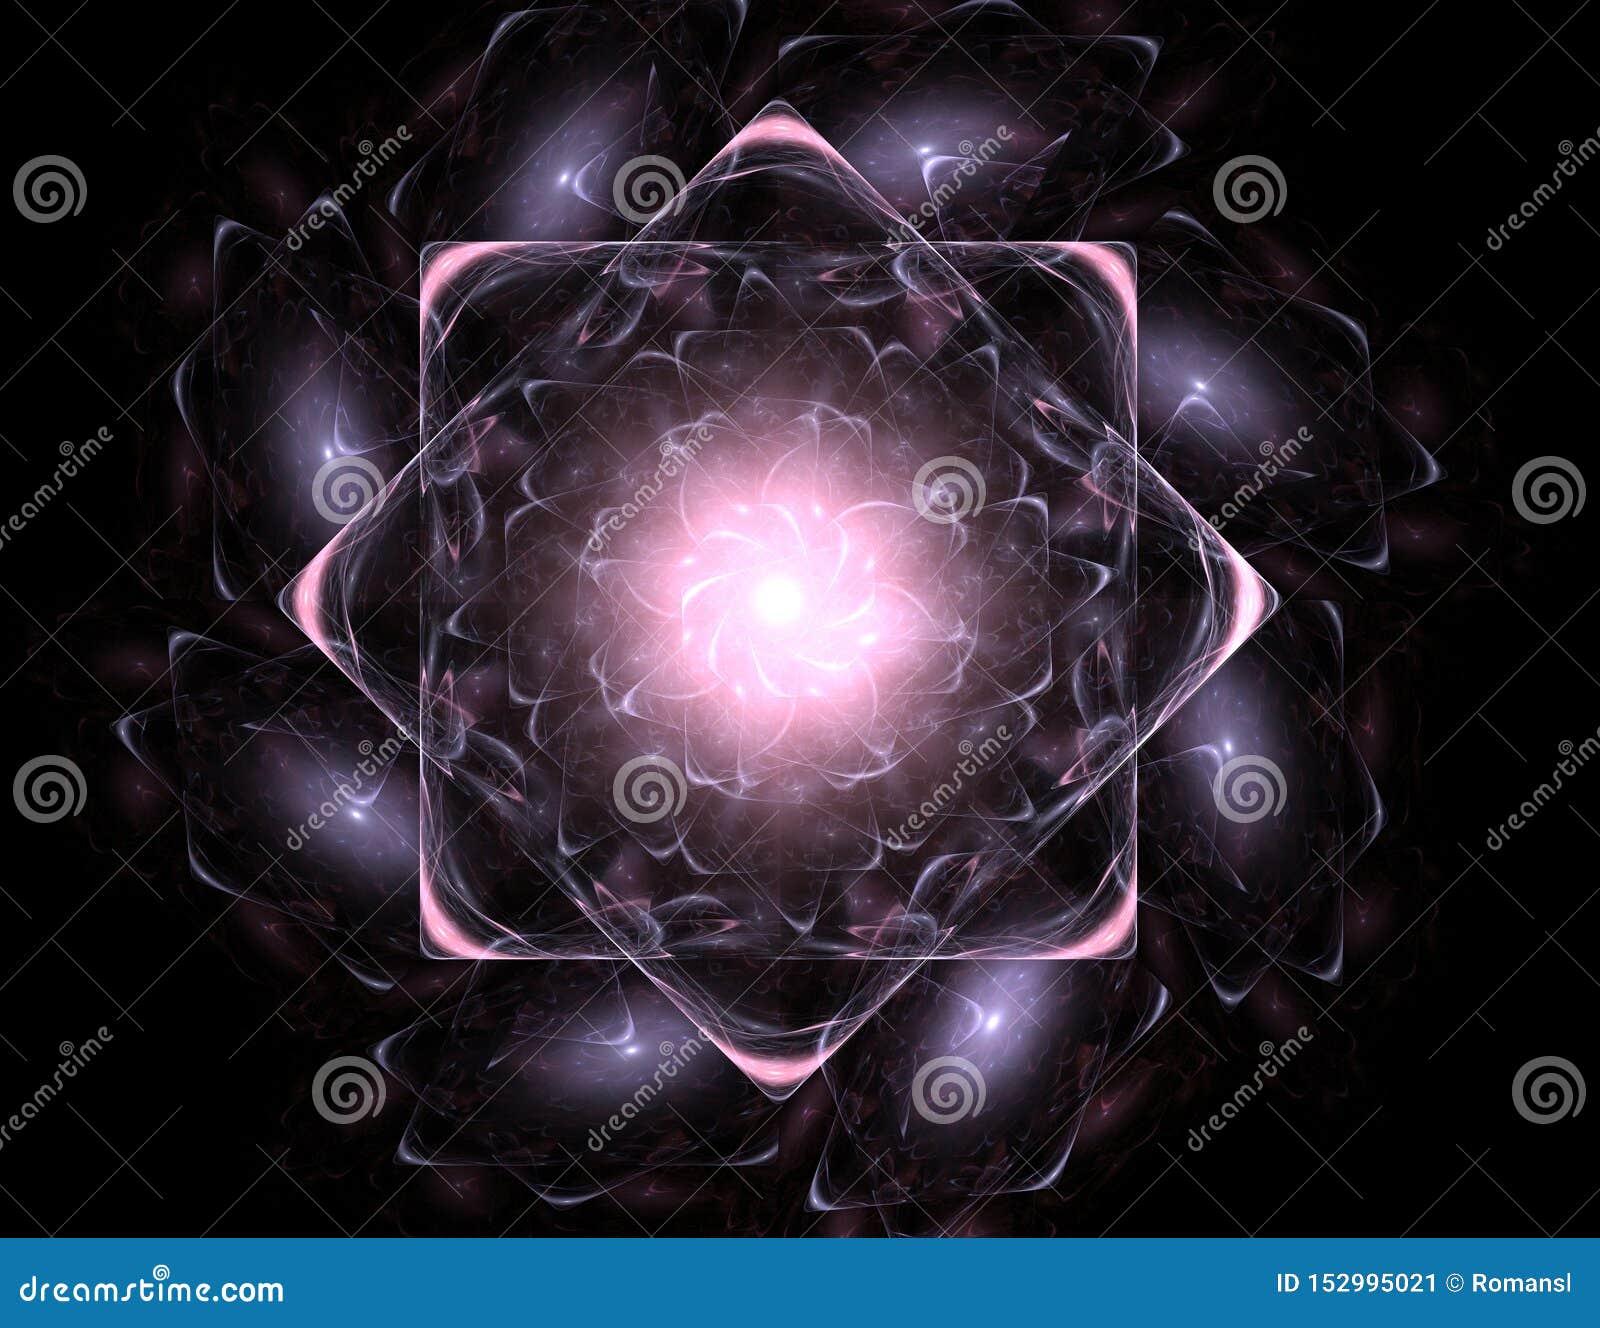 Elementaire Deeltjesreeks Interactie van abstracte fractal vormen voor wat betreft kernfysicawetenschap en grafisch ontwerp